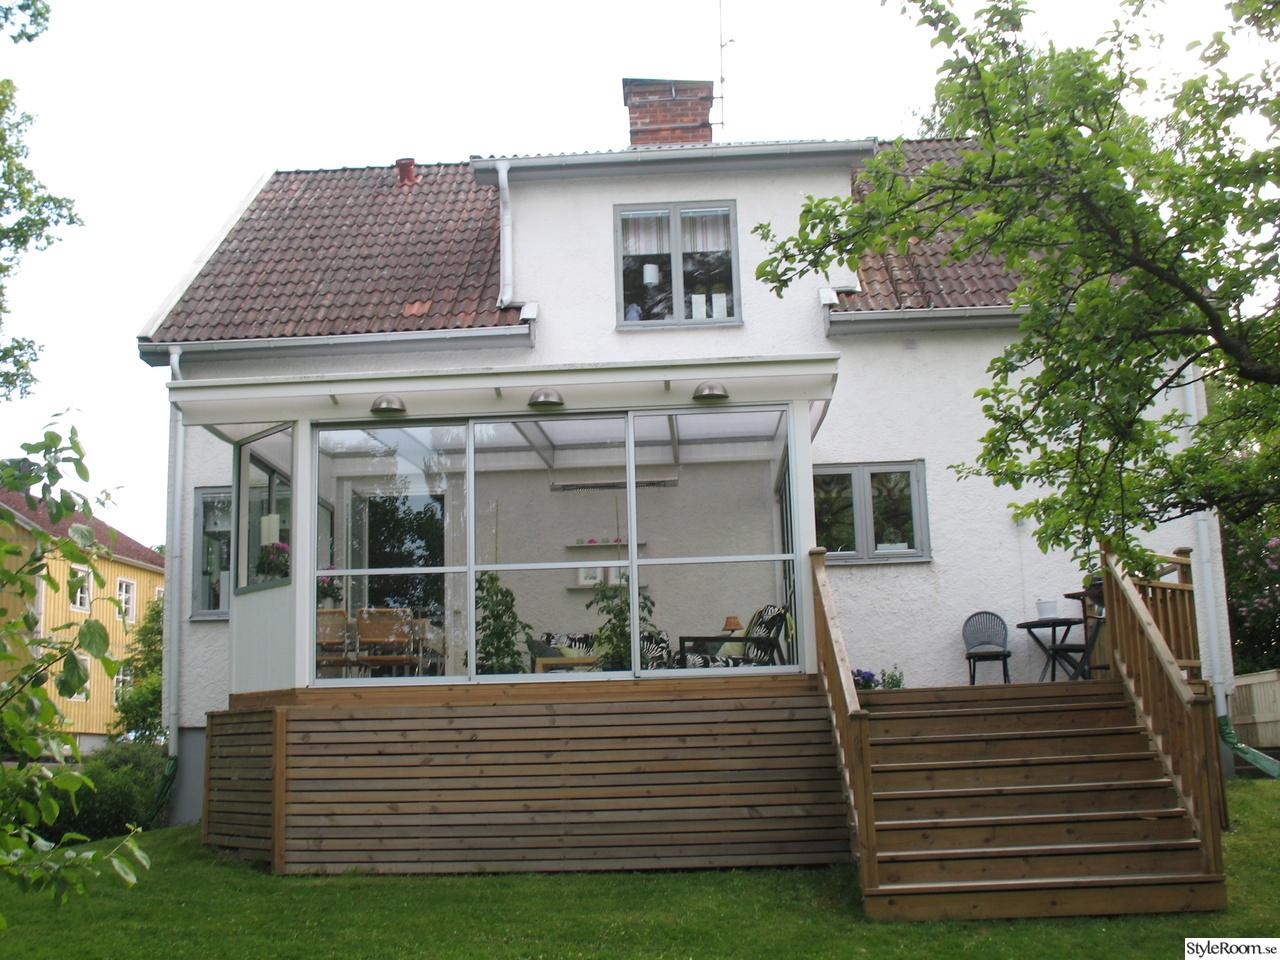 Inredning inglasning balkong : inglasat-1.jpg (1280×960)   balkong och trädgård   Pinterest ...